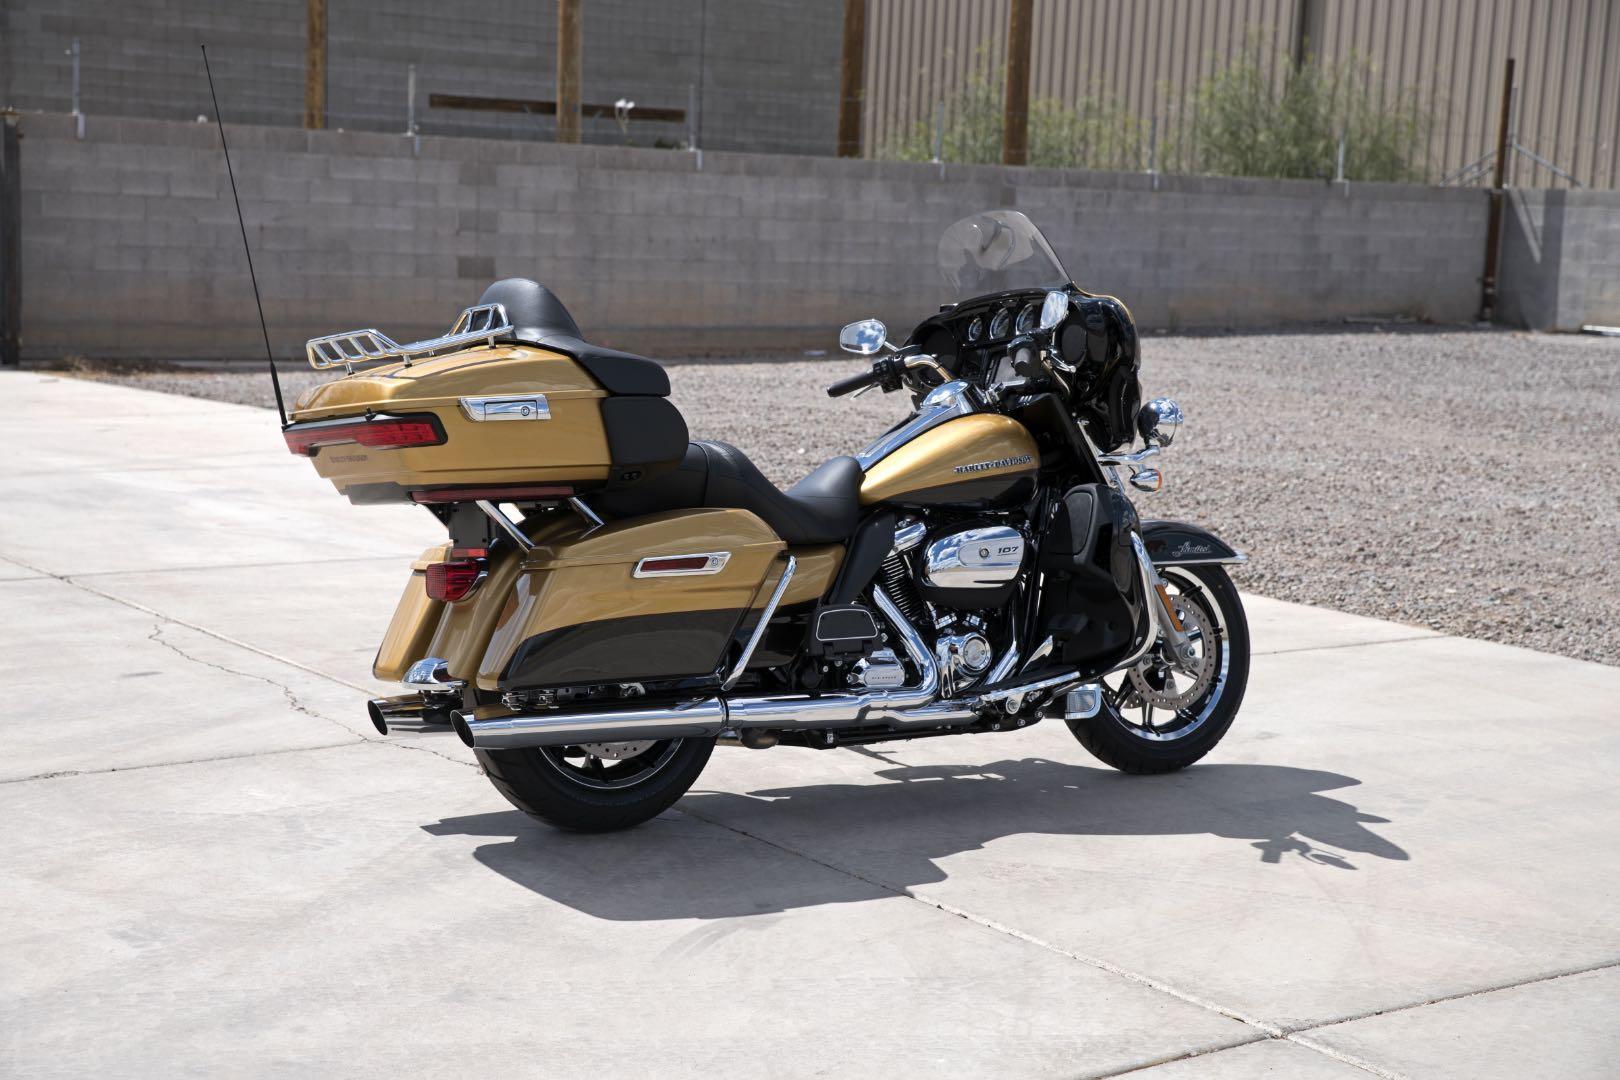 2017 Harley Davidson Ultra Limited Er S Guide